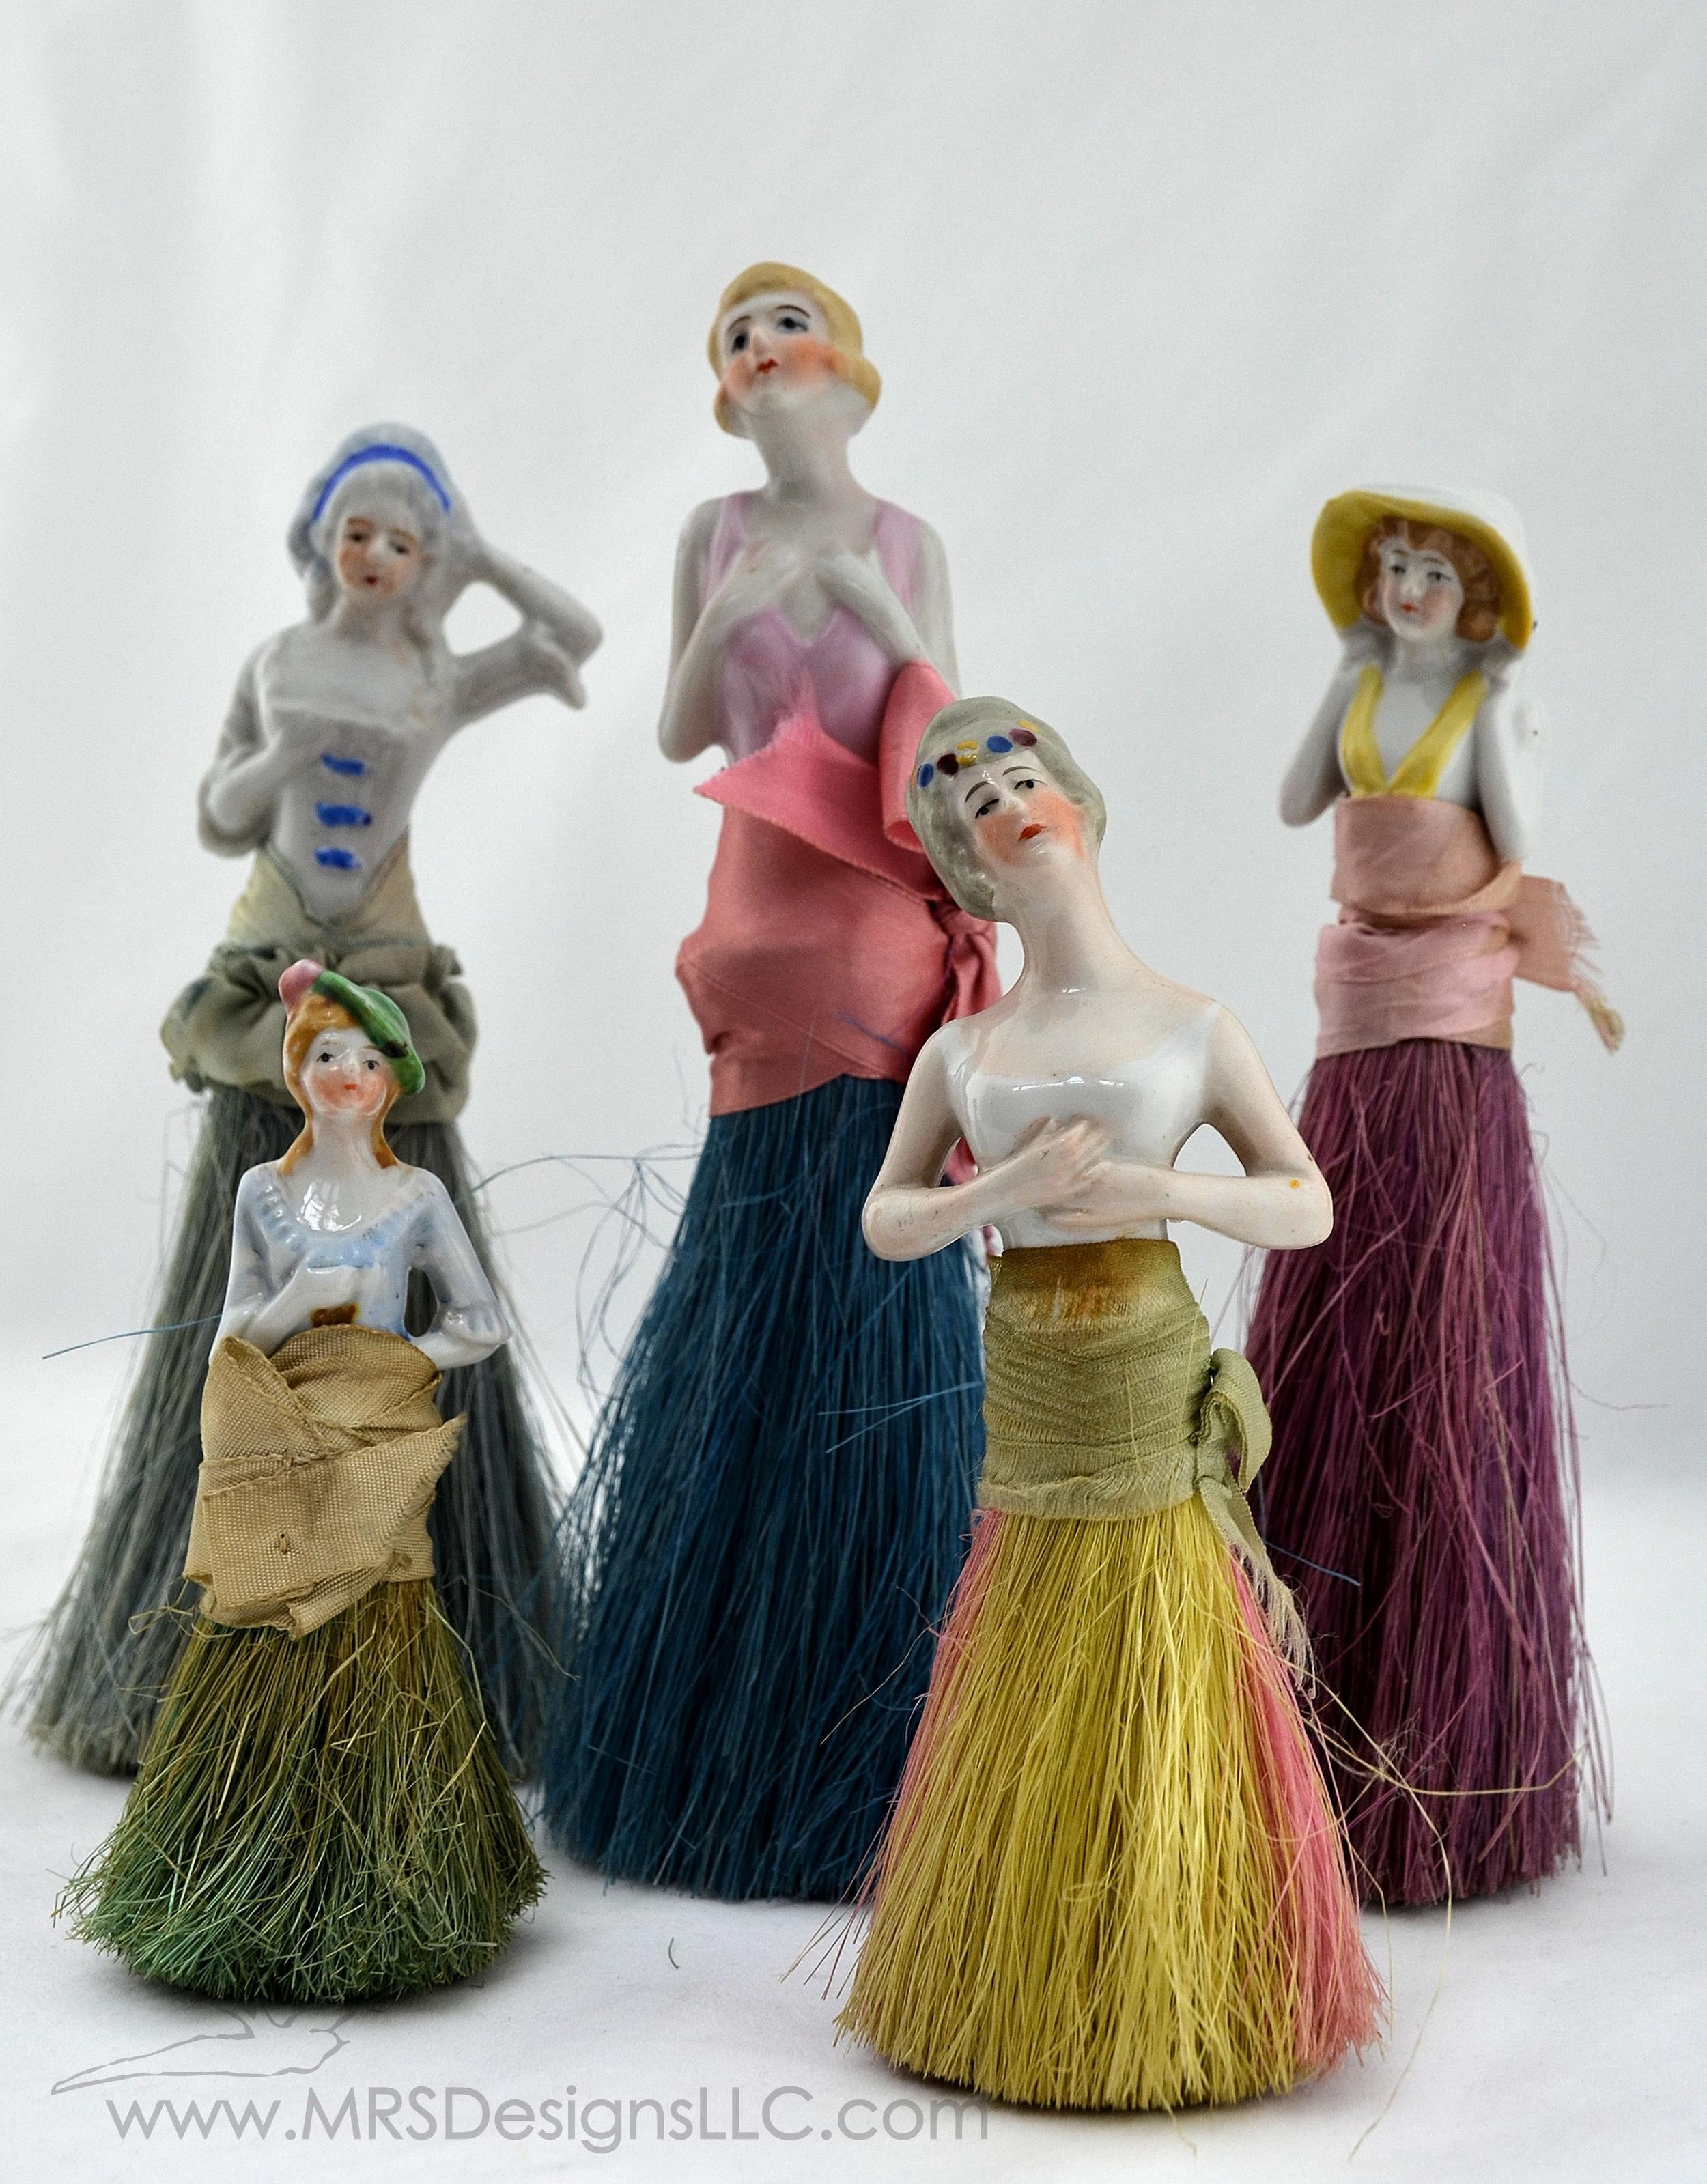 MRS Designs Blog - Vintage Half Dolls with Broom Bottoms